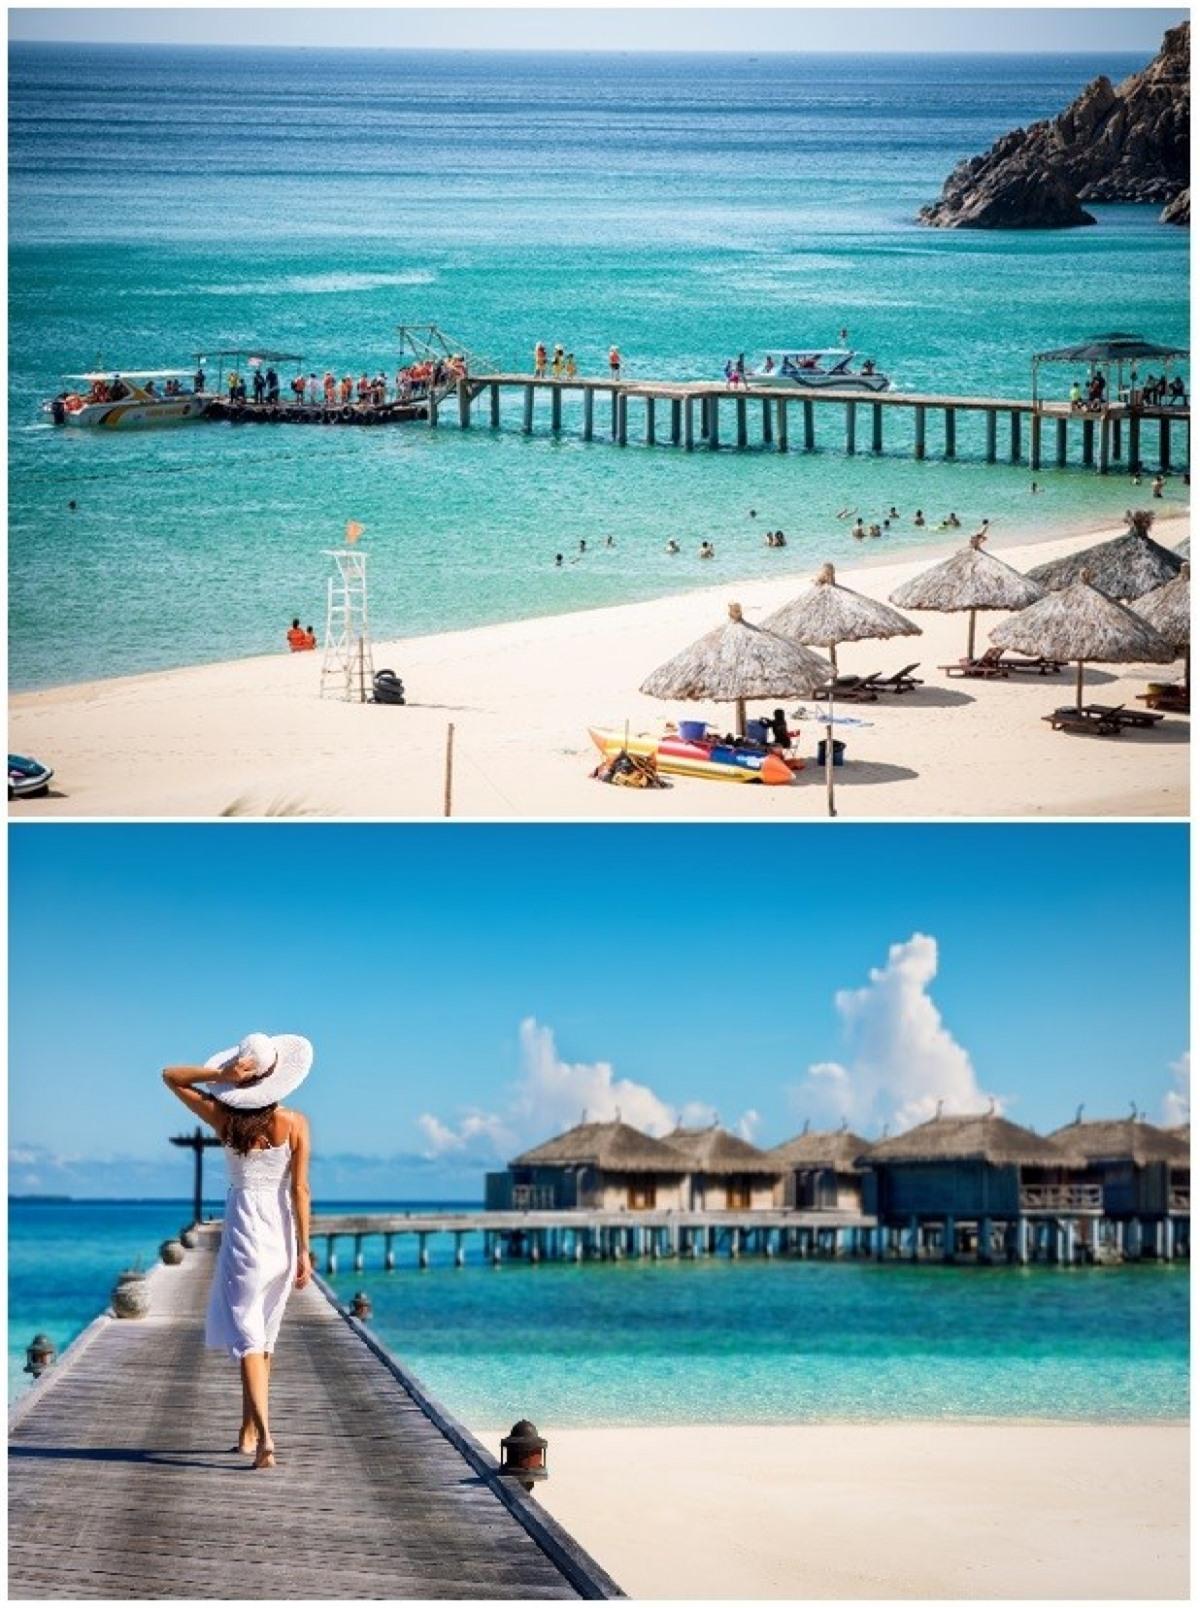 Vẻ đẹp mang nhiều nét tương đồng của Kỳ Co (trên) và Maldives